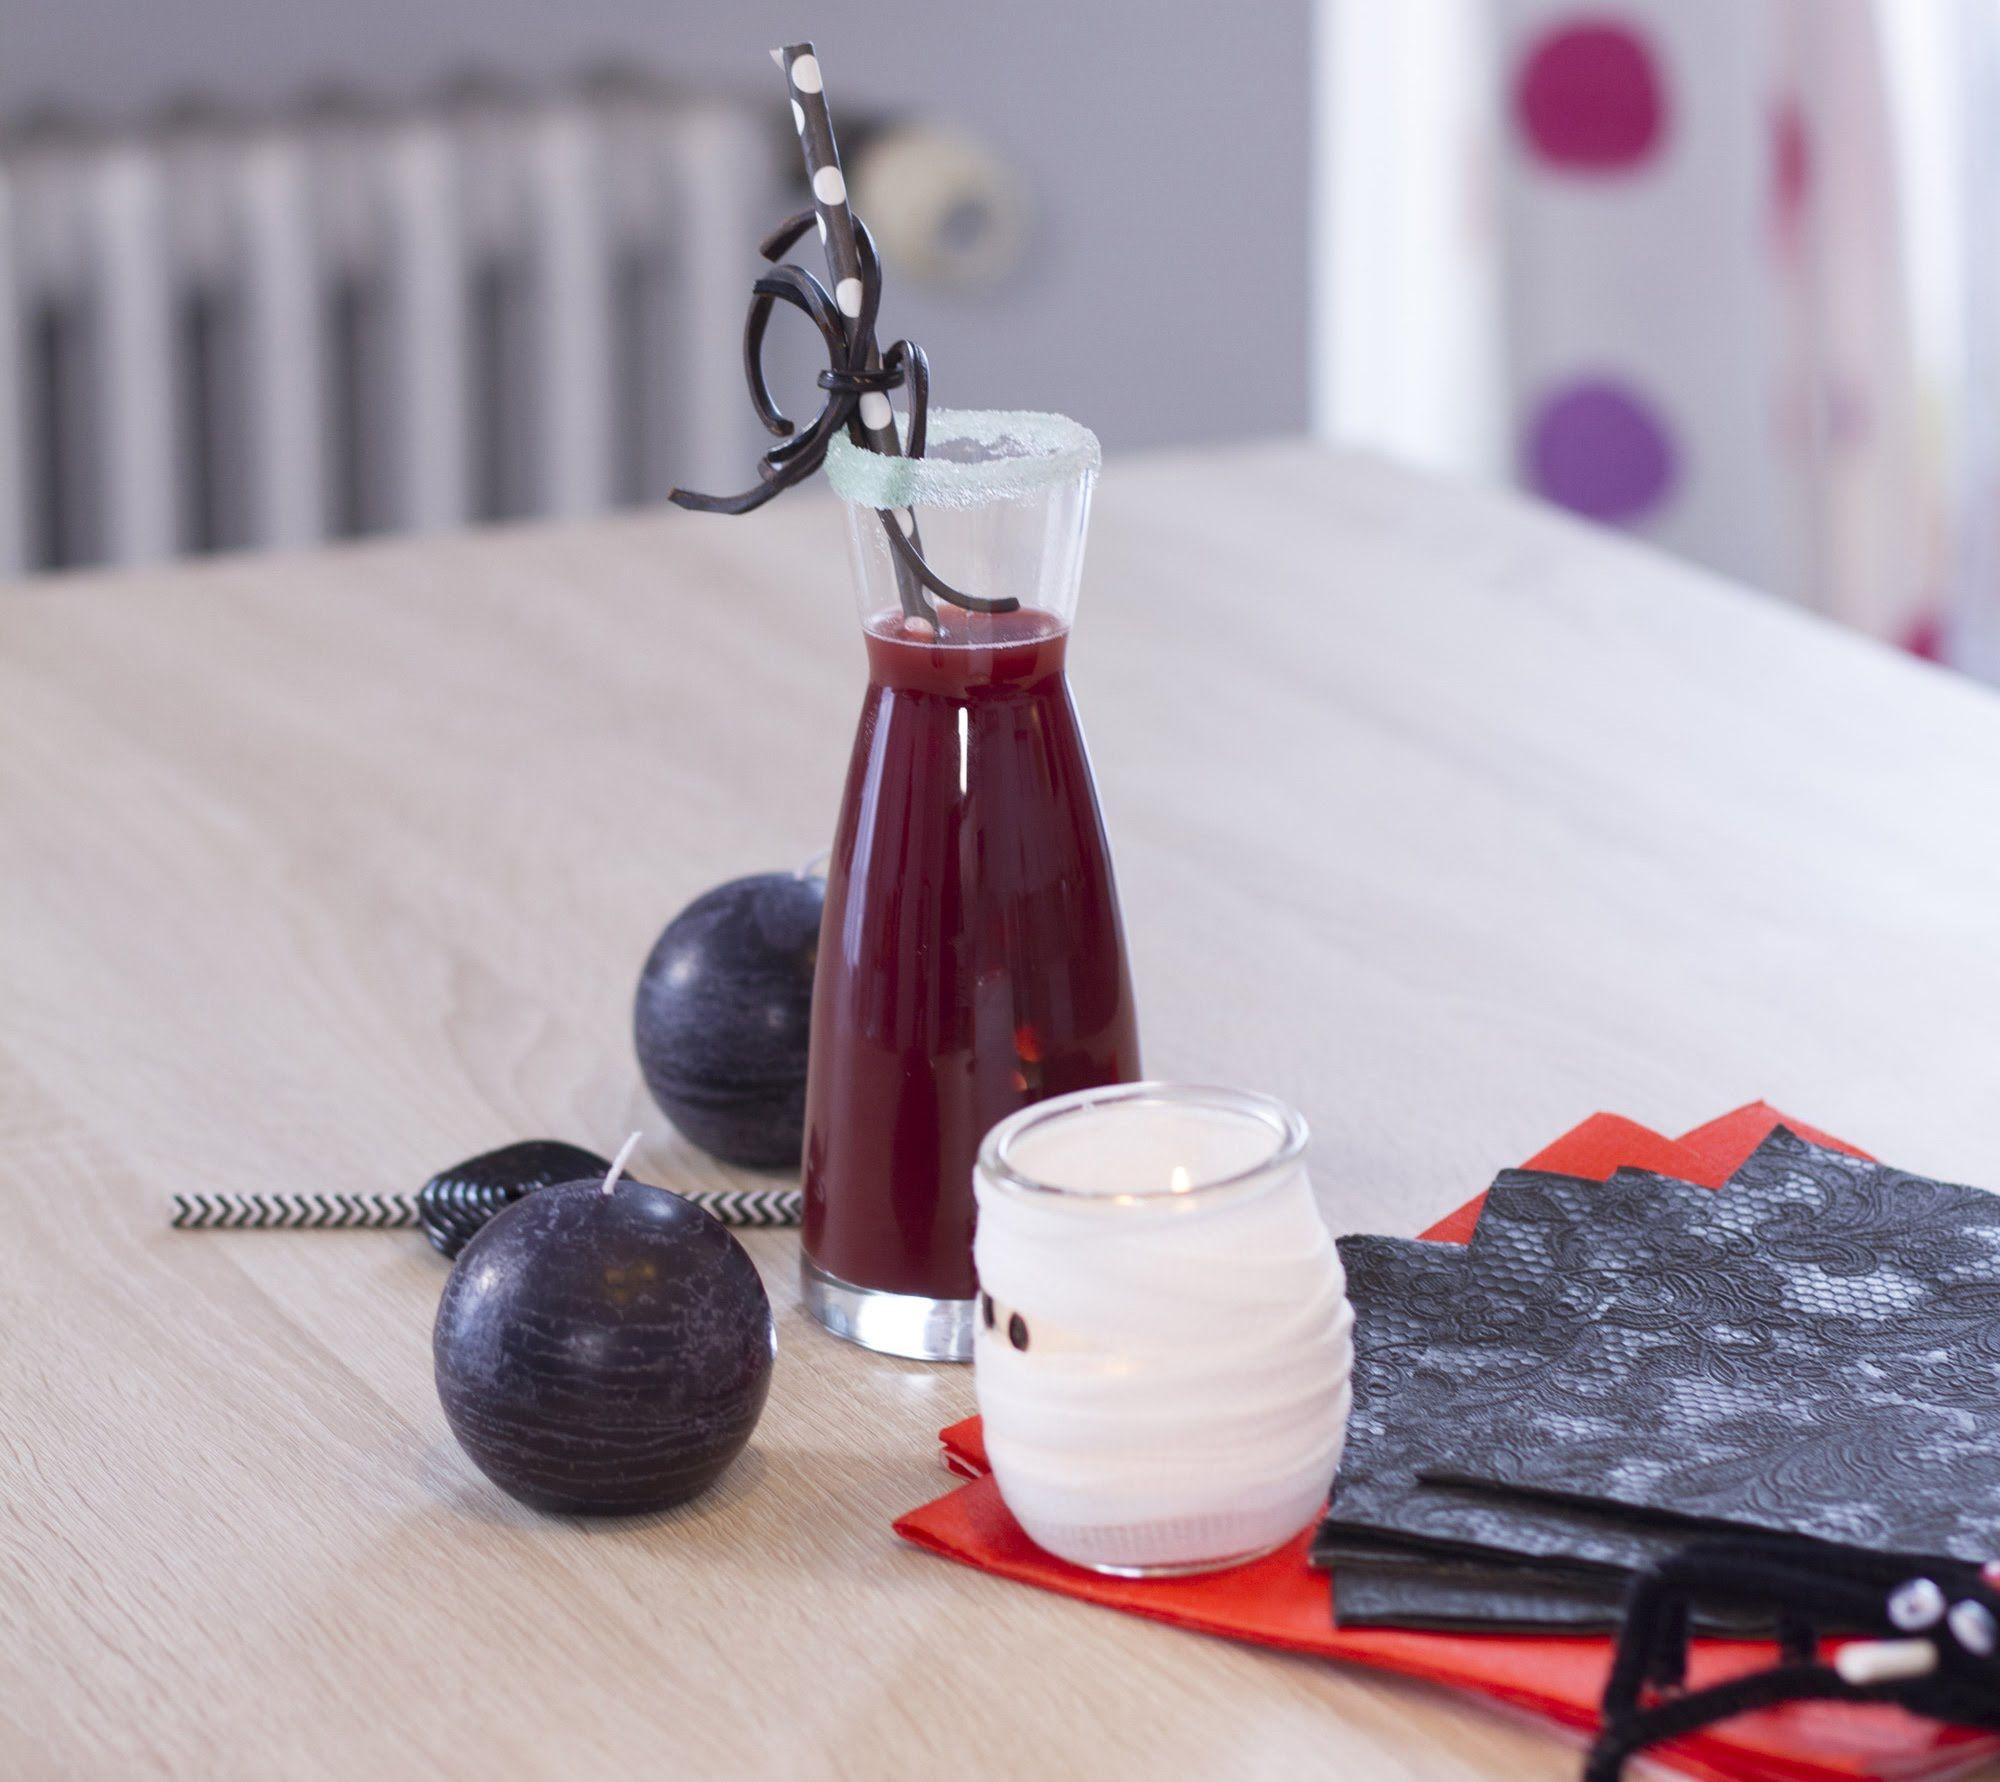 #Cocktail : Vous voulez épater vos invités pour #Halloween ? Voici un breuvage 100% sanguinaire à base de fraise ! Terrifiant, non ?